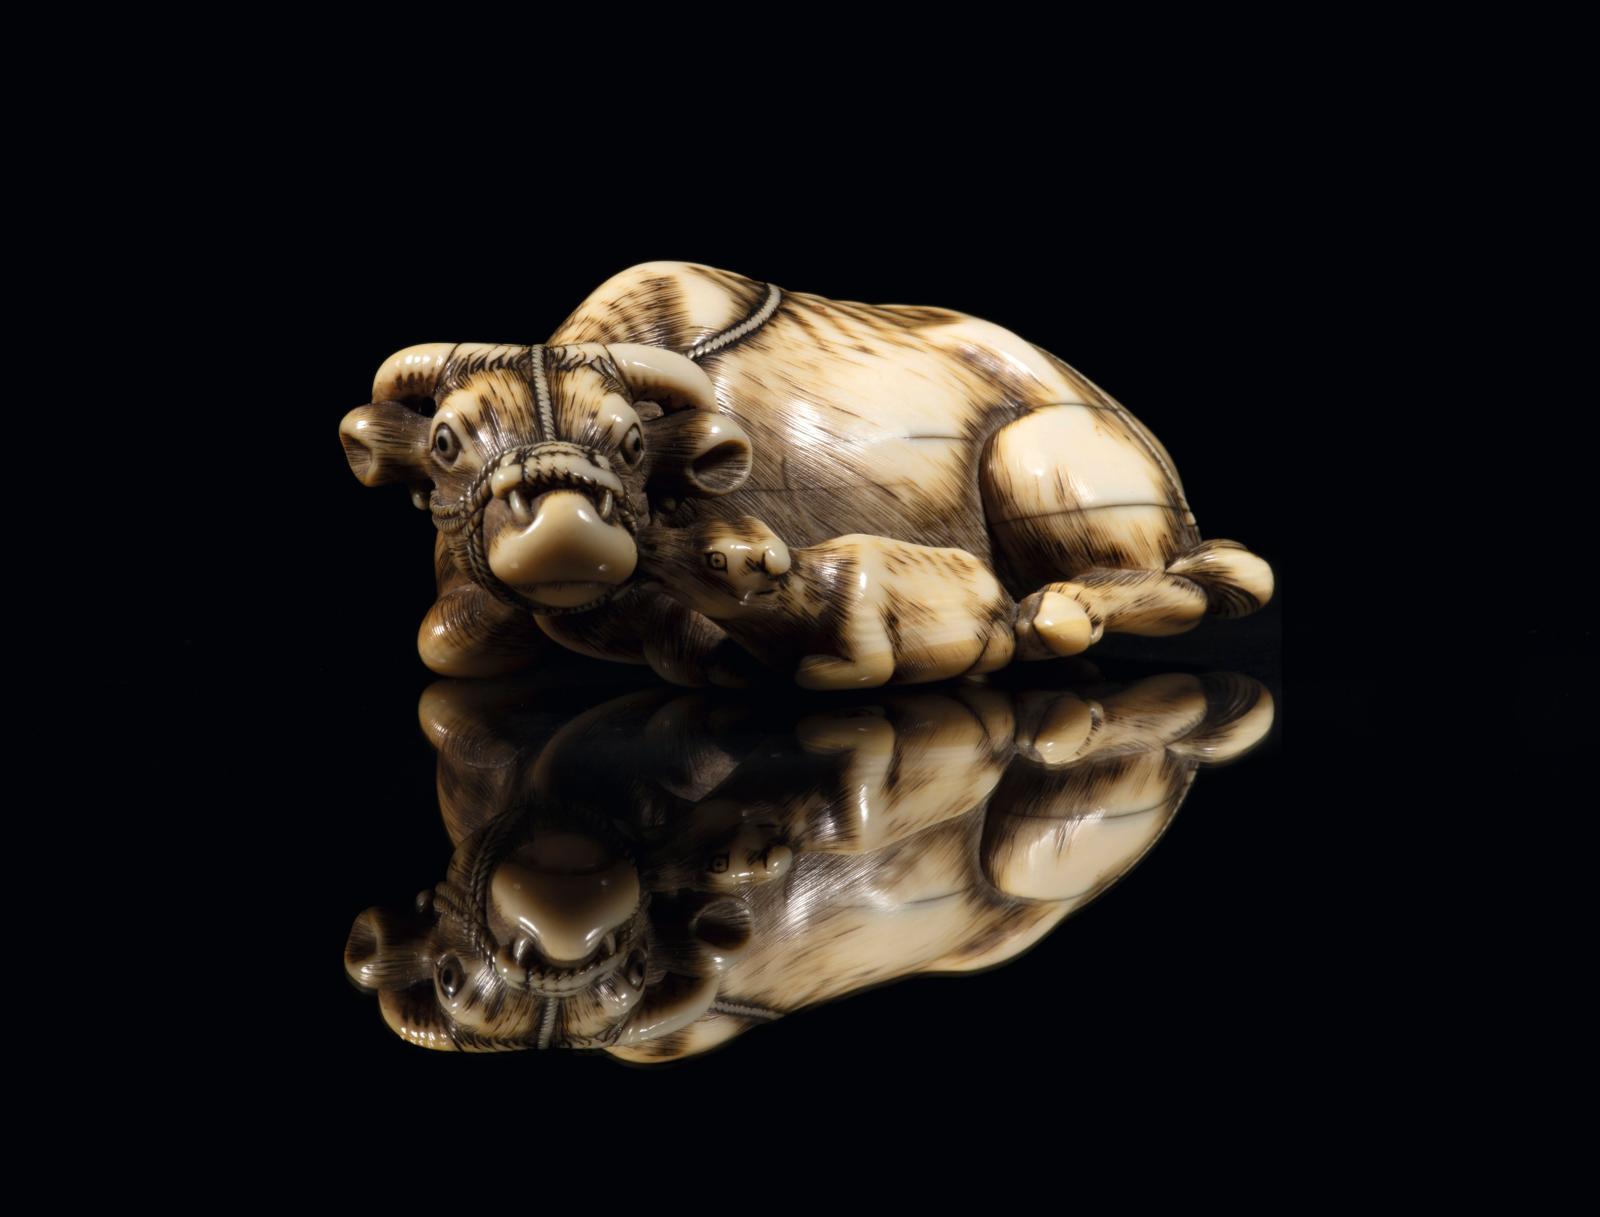 Japon, époque Edo (1603-1868), XVIIIesiècle. Netsuke en ivoire, vache couchée, son veau auprès d'elle, les yeux incrustés de corne brune, signé Tomot